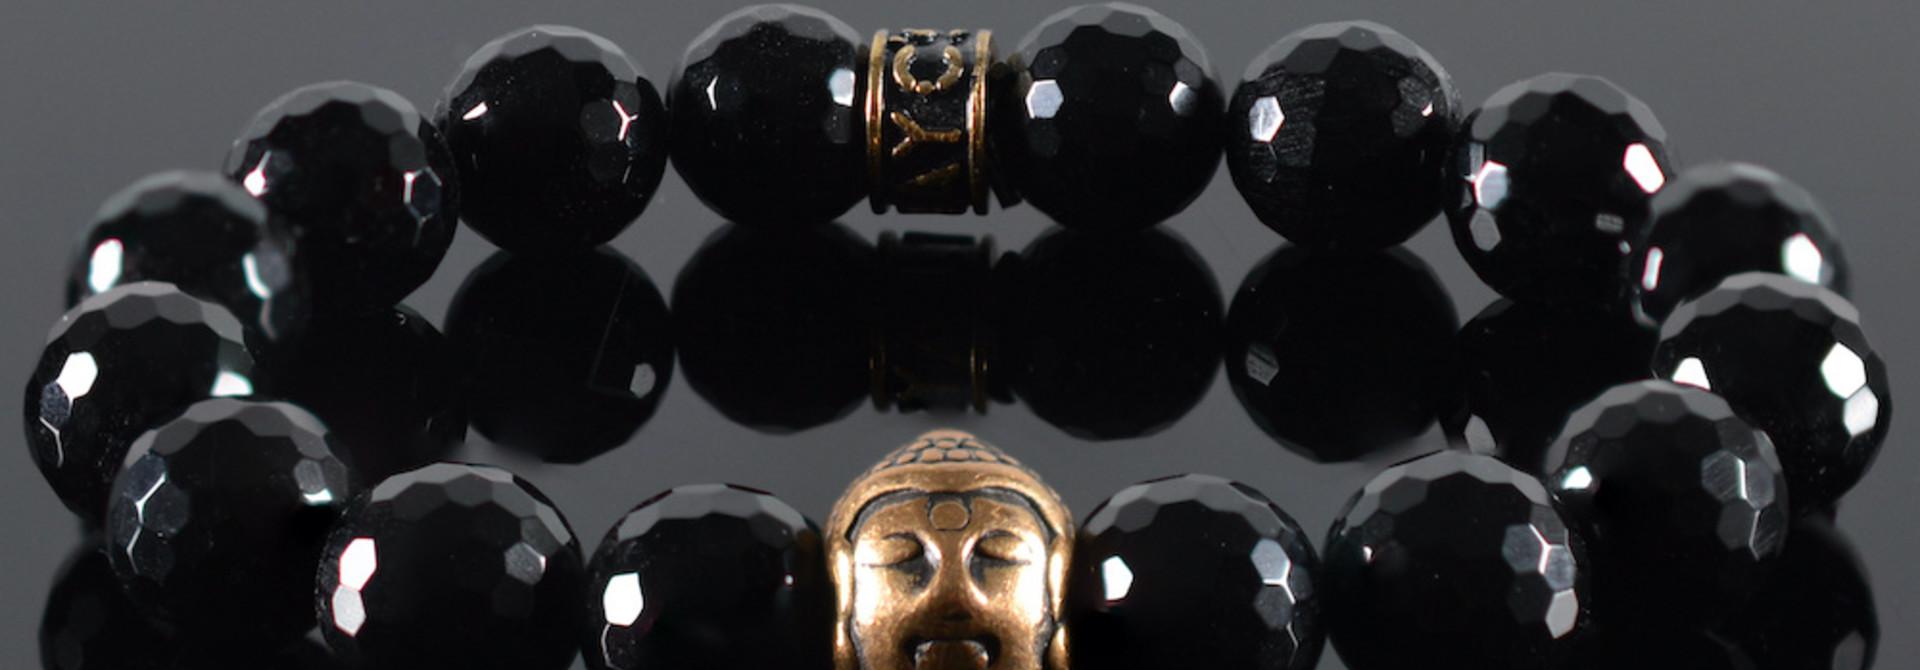 Armband dames Budday Buddha